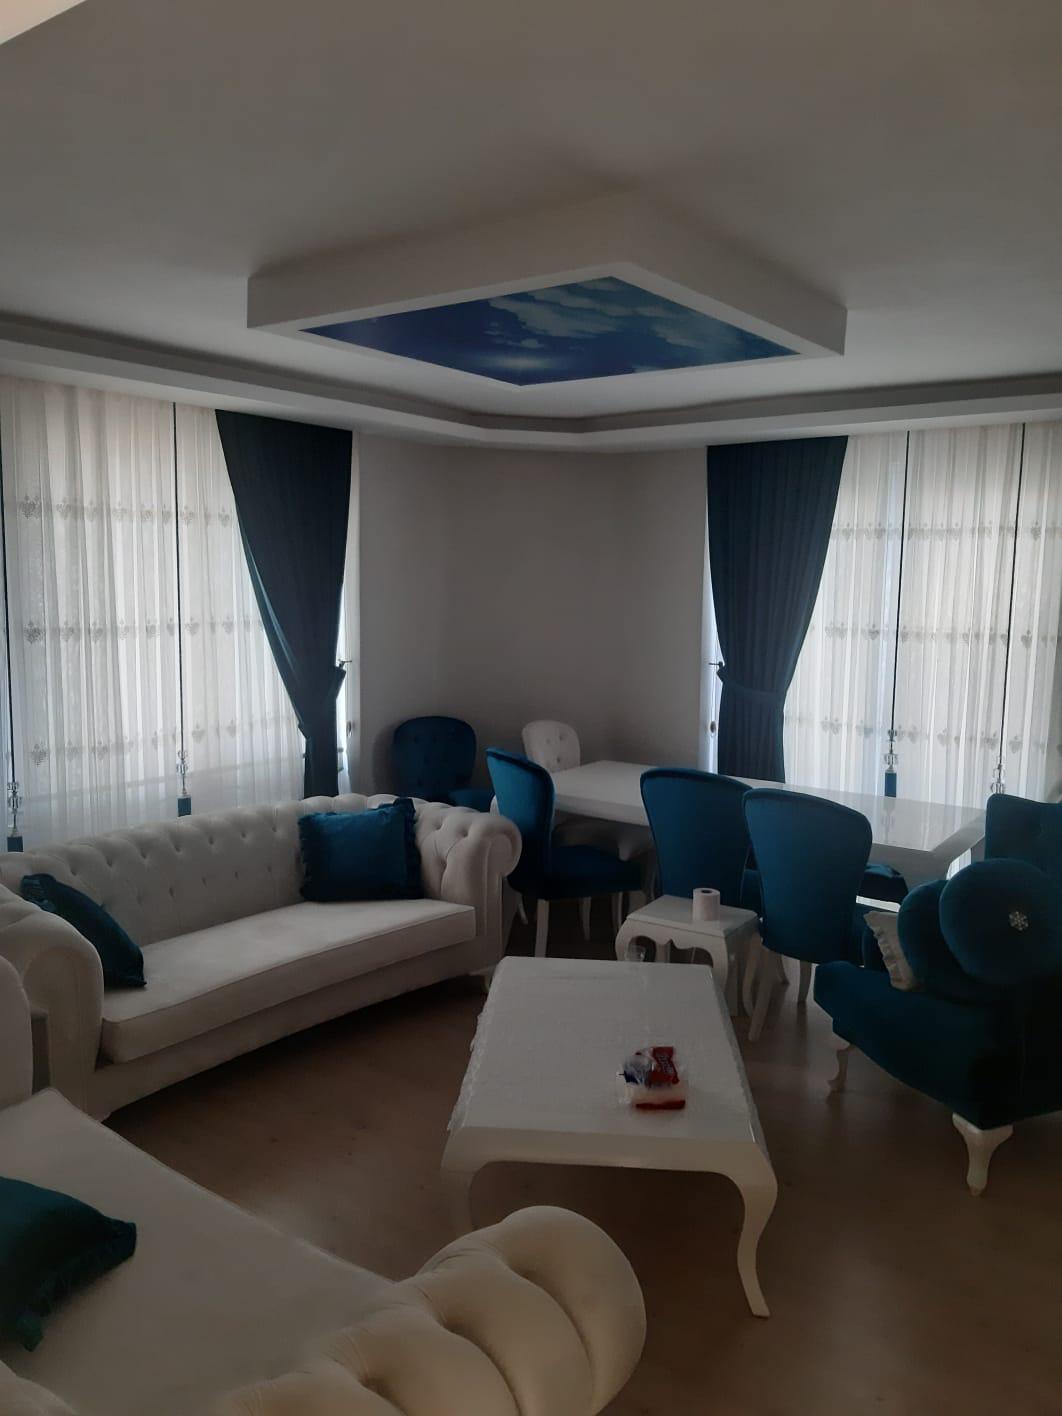 mutlukent-full-yapili-satilik-daire-8497179